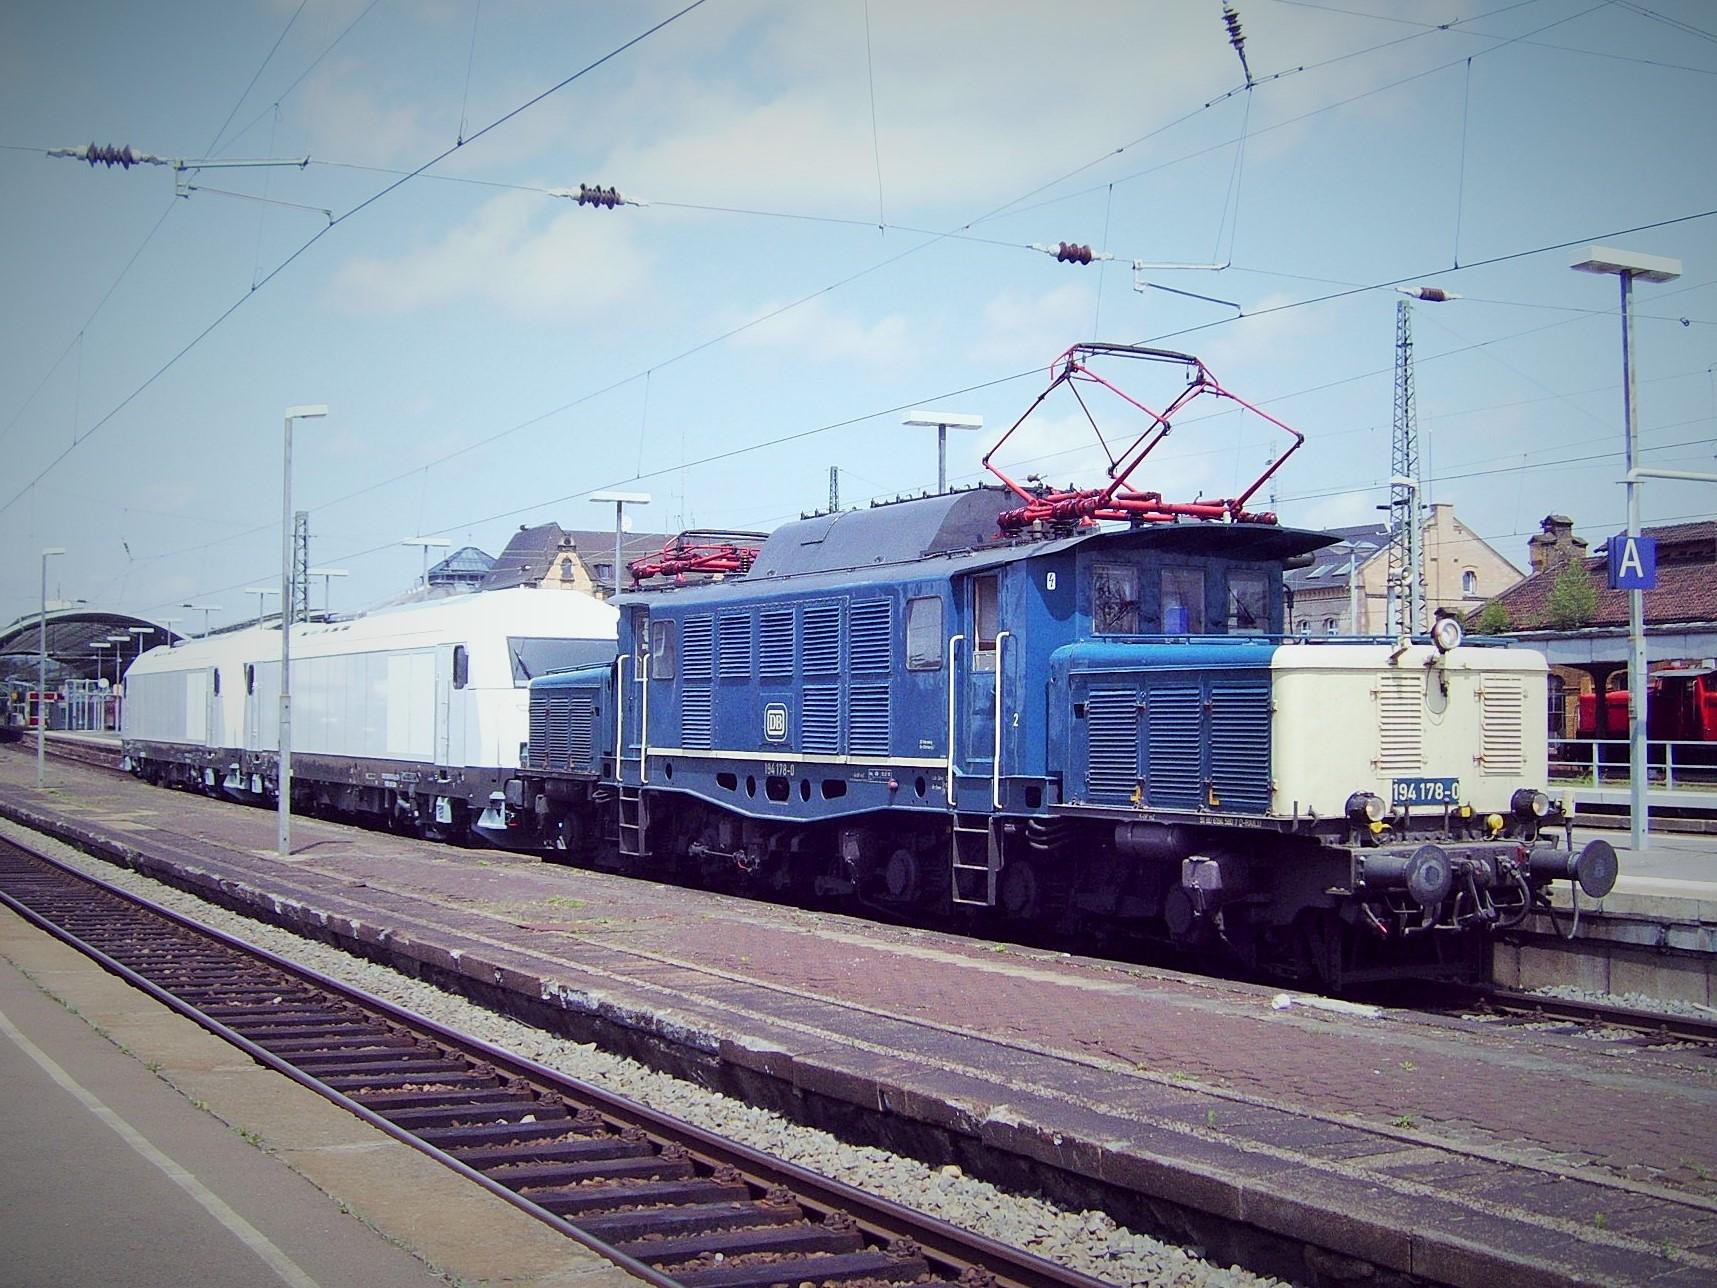 Fabrikneue Lokomotiven rollen hinter 194 178-0 ihrem neuen Besitzer entgegen